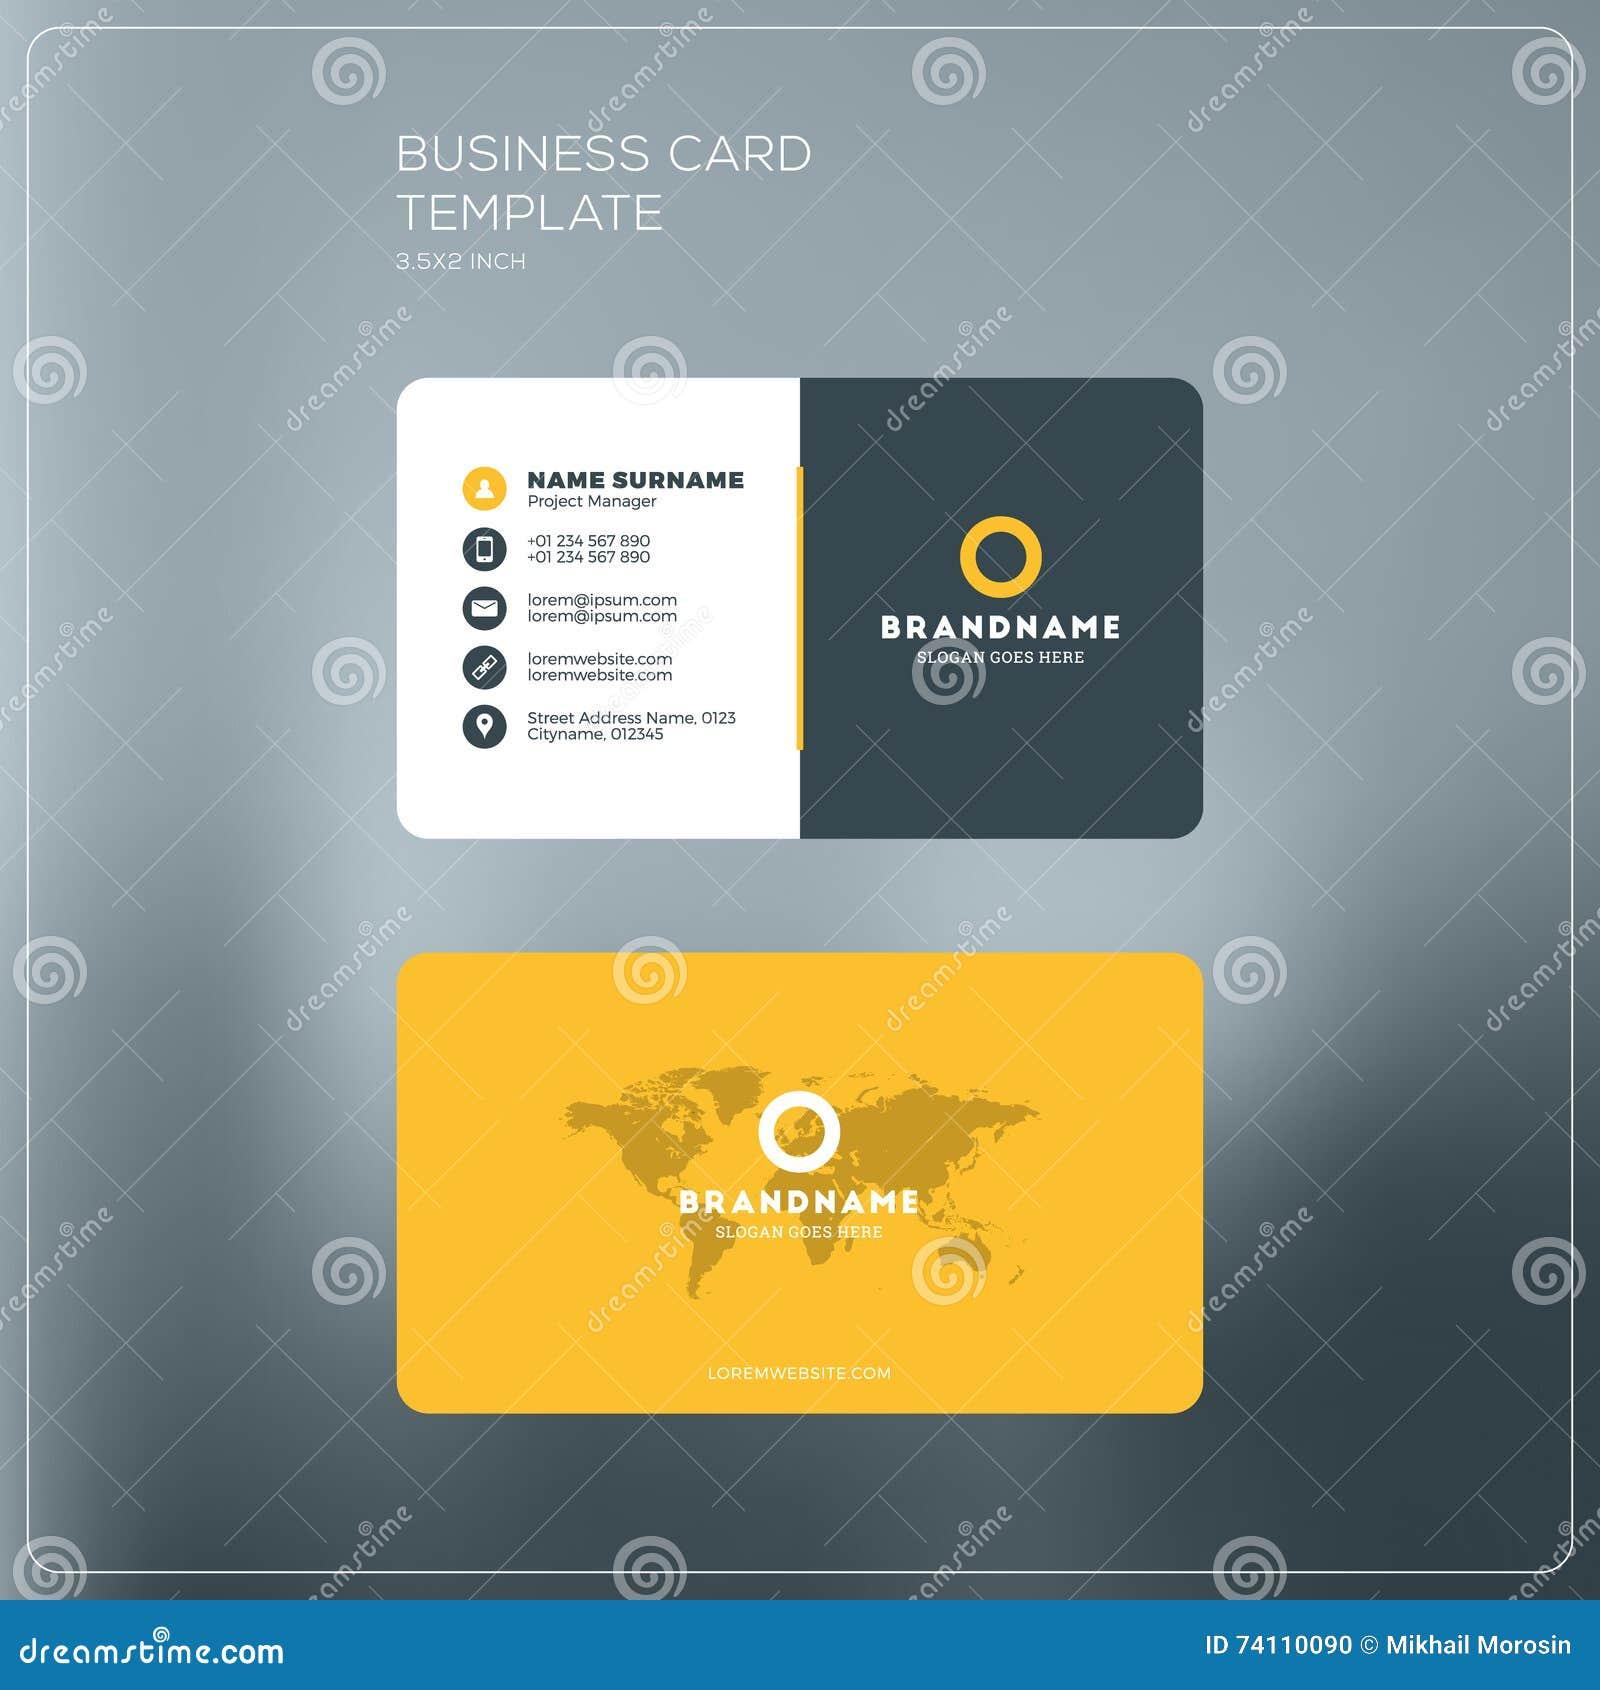 Calibre D Impression De Carte D Entreprise Constituee En Societe